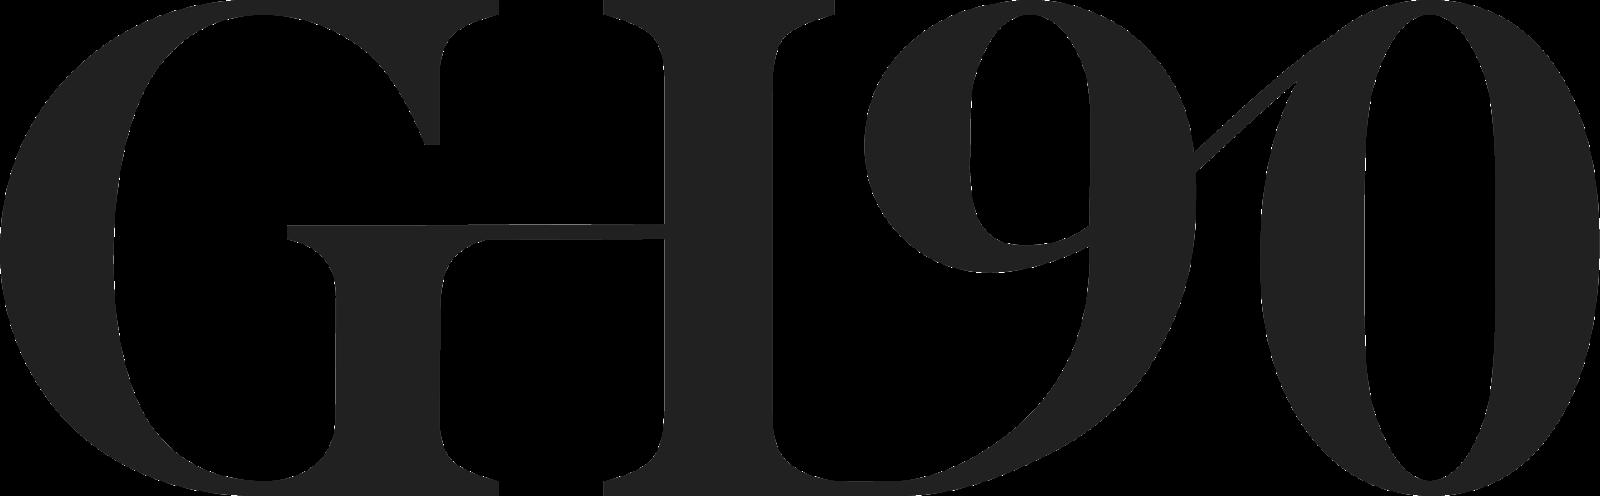 GH90 - Logo Dark RGB - 1.0.png